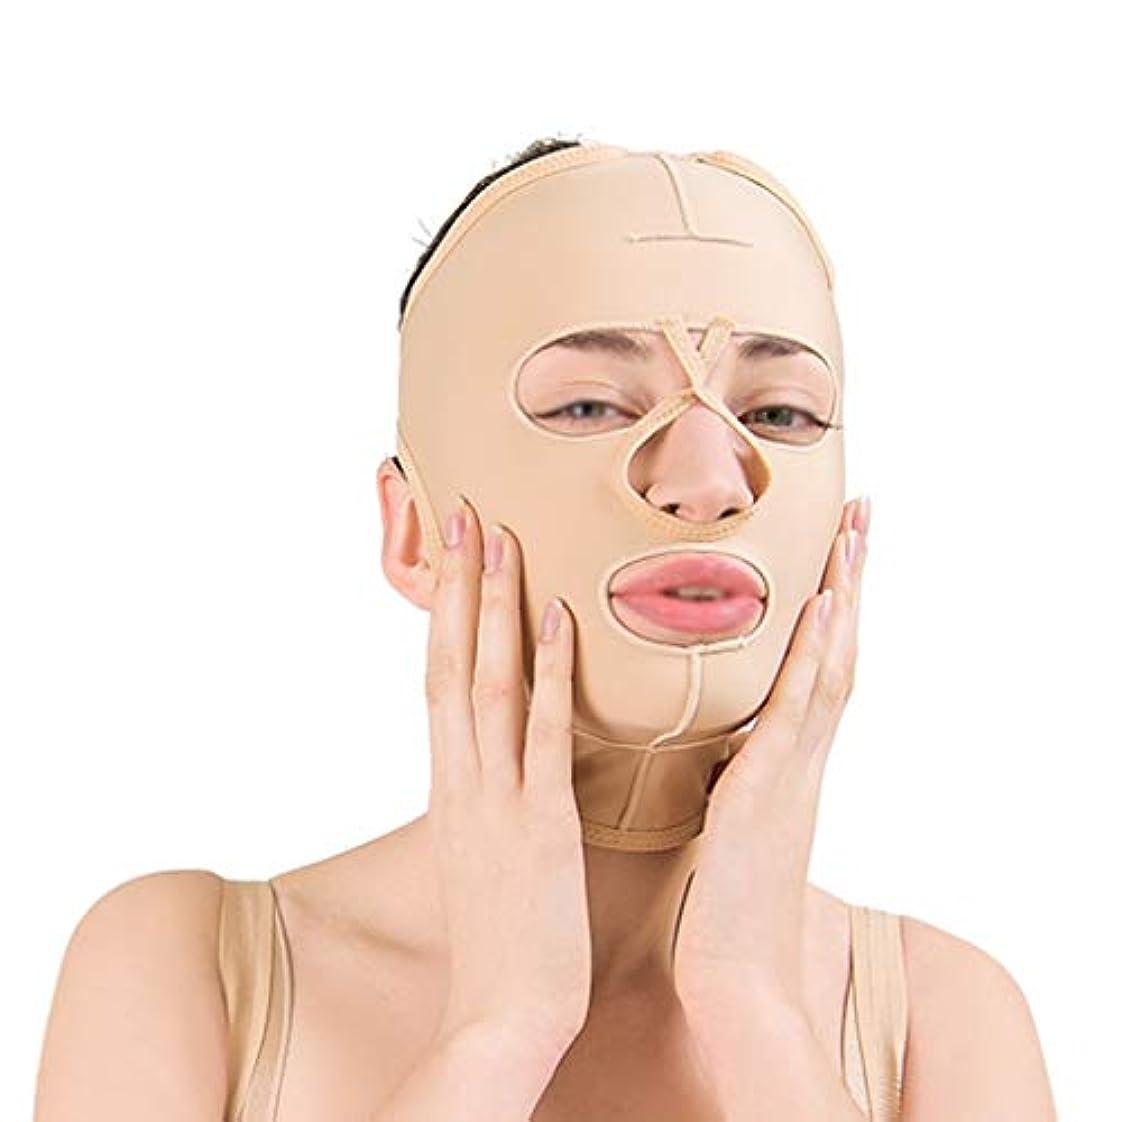 送るスタイル農業のフェイススリミングマスク、フェイスバンデージ付きフェイシャル減量マスク、通気性フェイスリフト、引き締め、フェイスリフティング (Size : S)